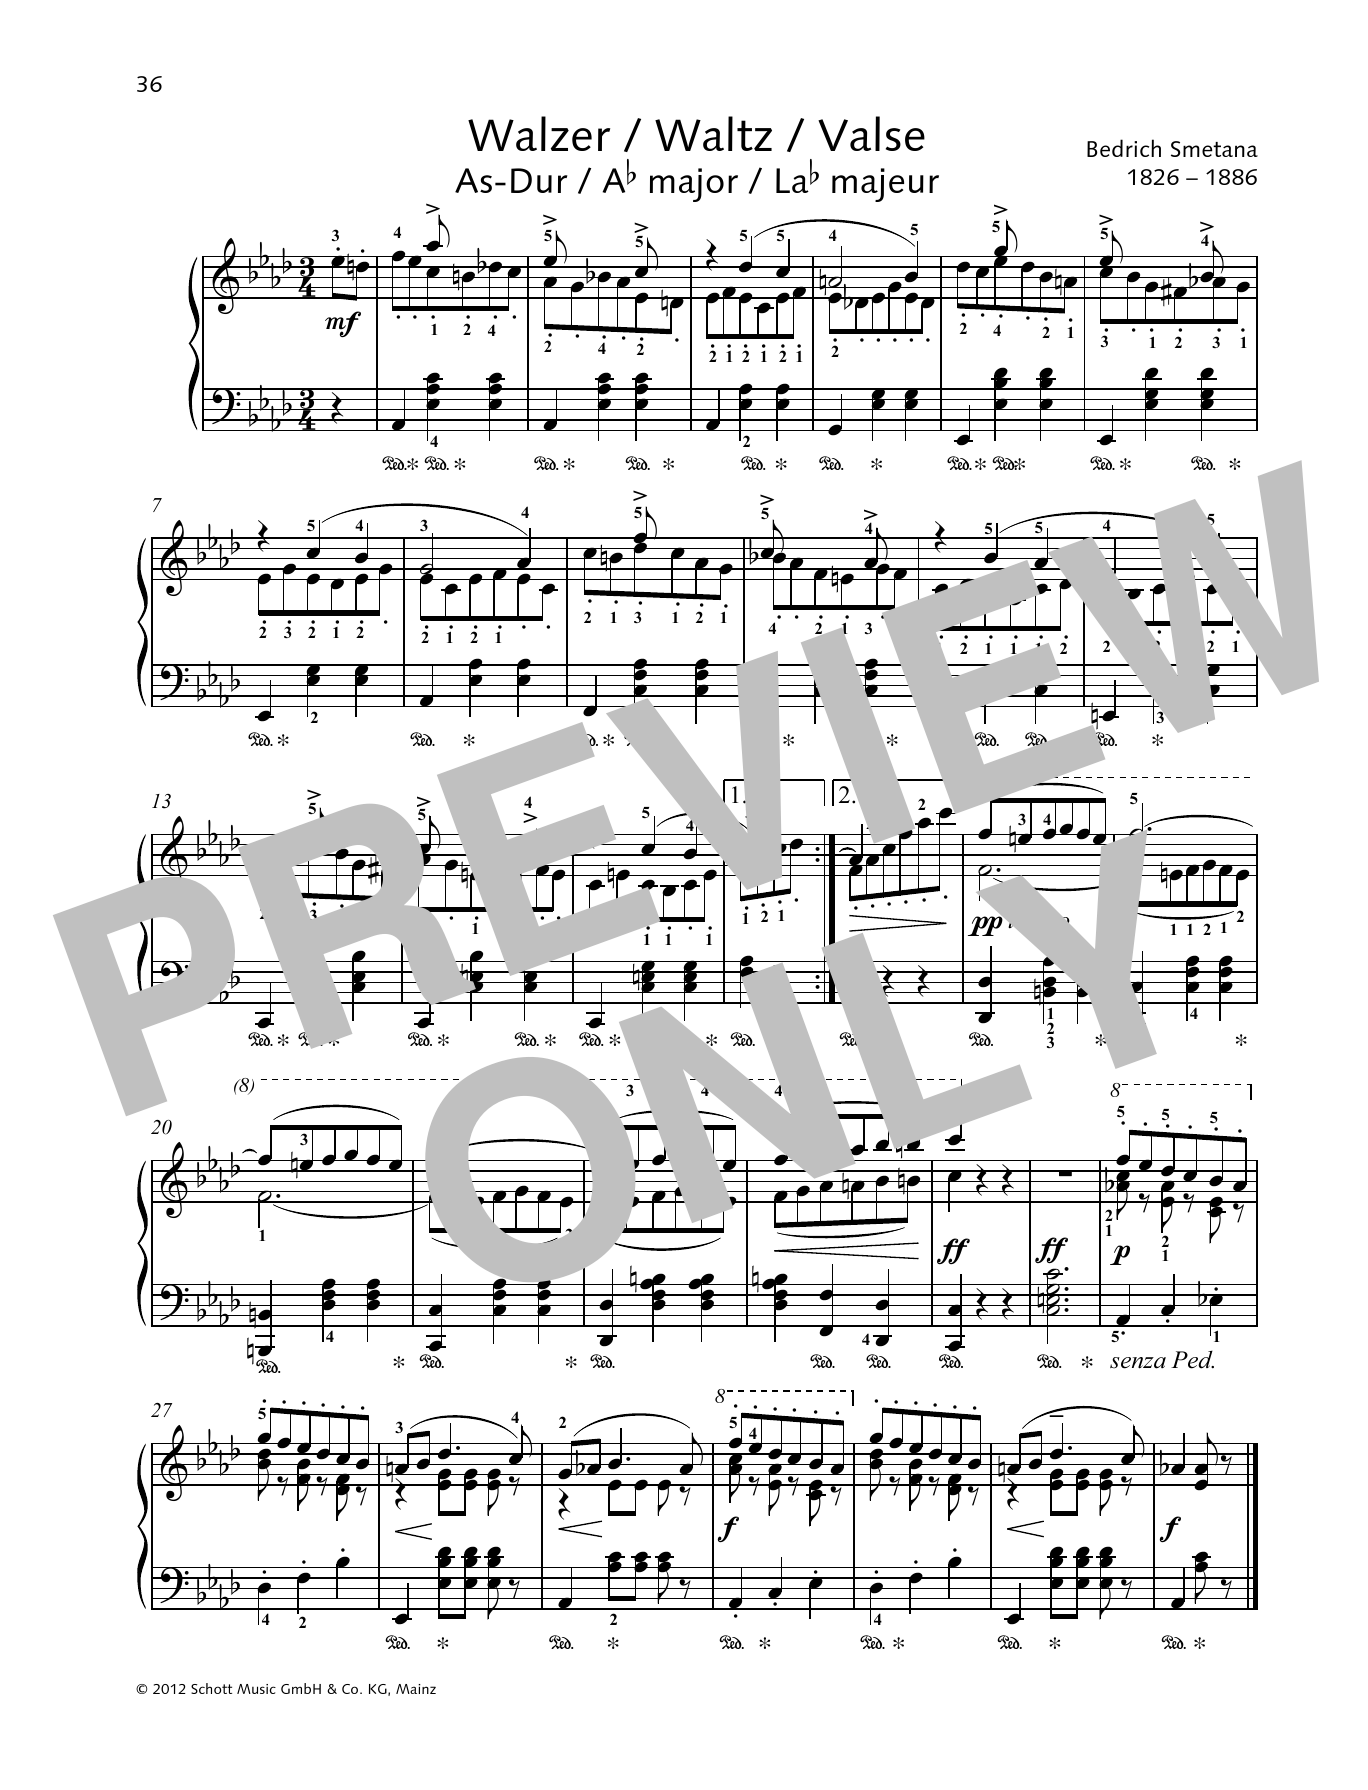 Waltz A-flat major Digitale Noten